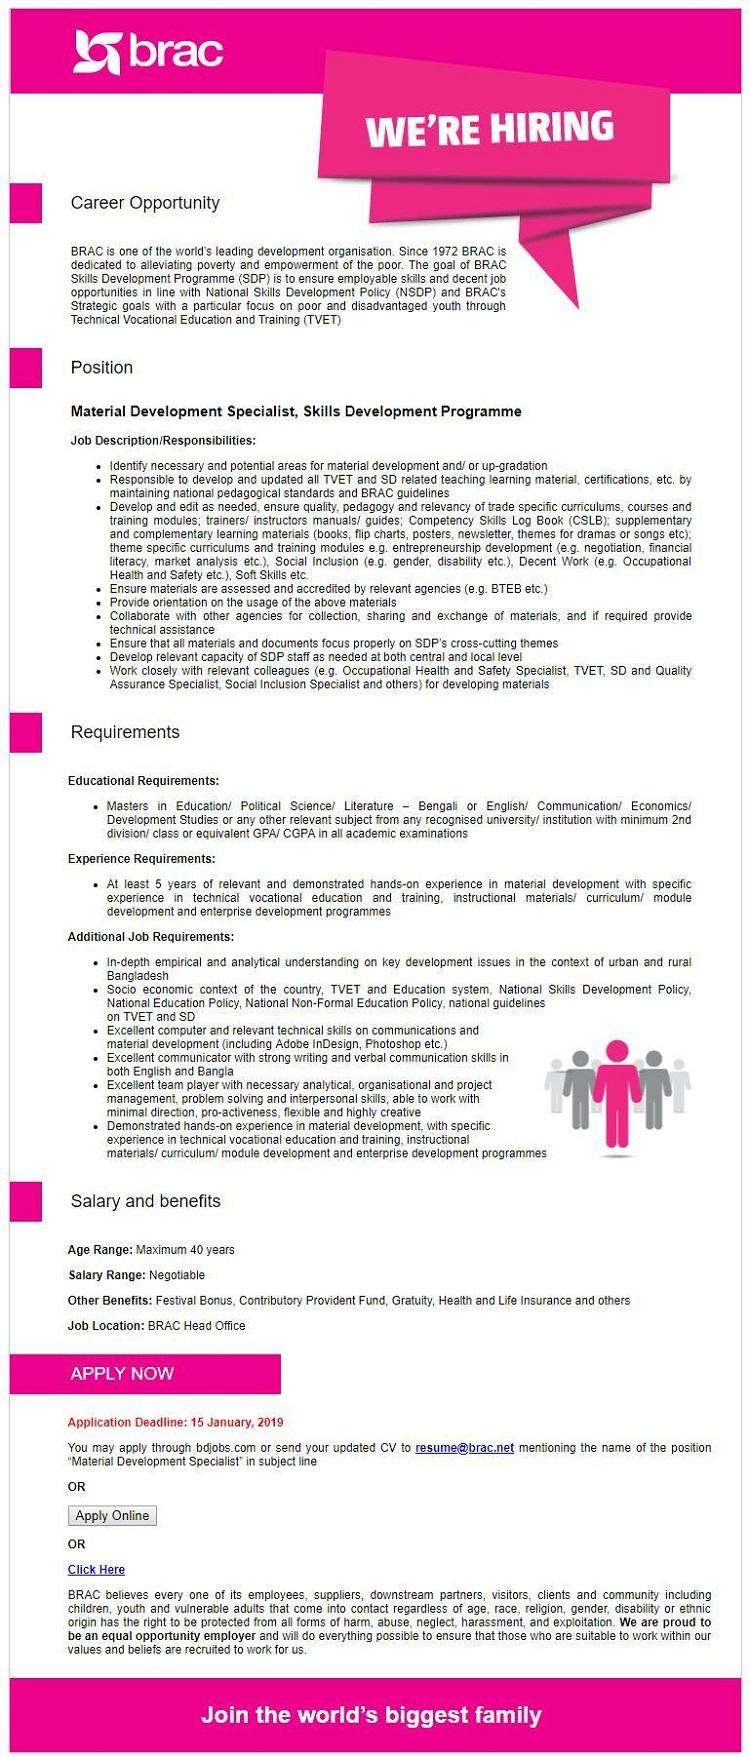 BRAC NGO Job Circular 2019